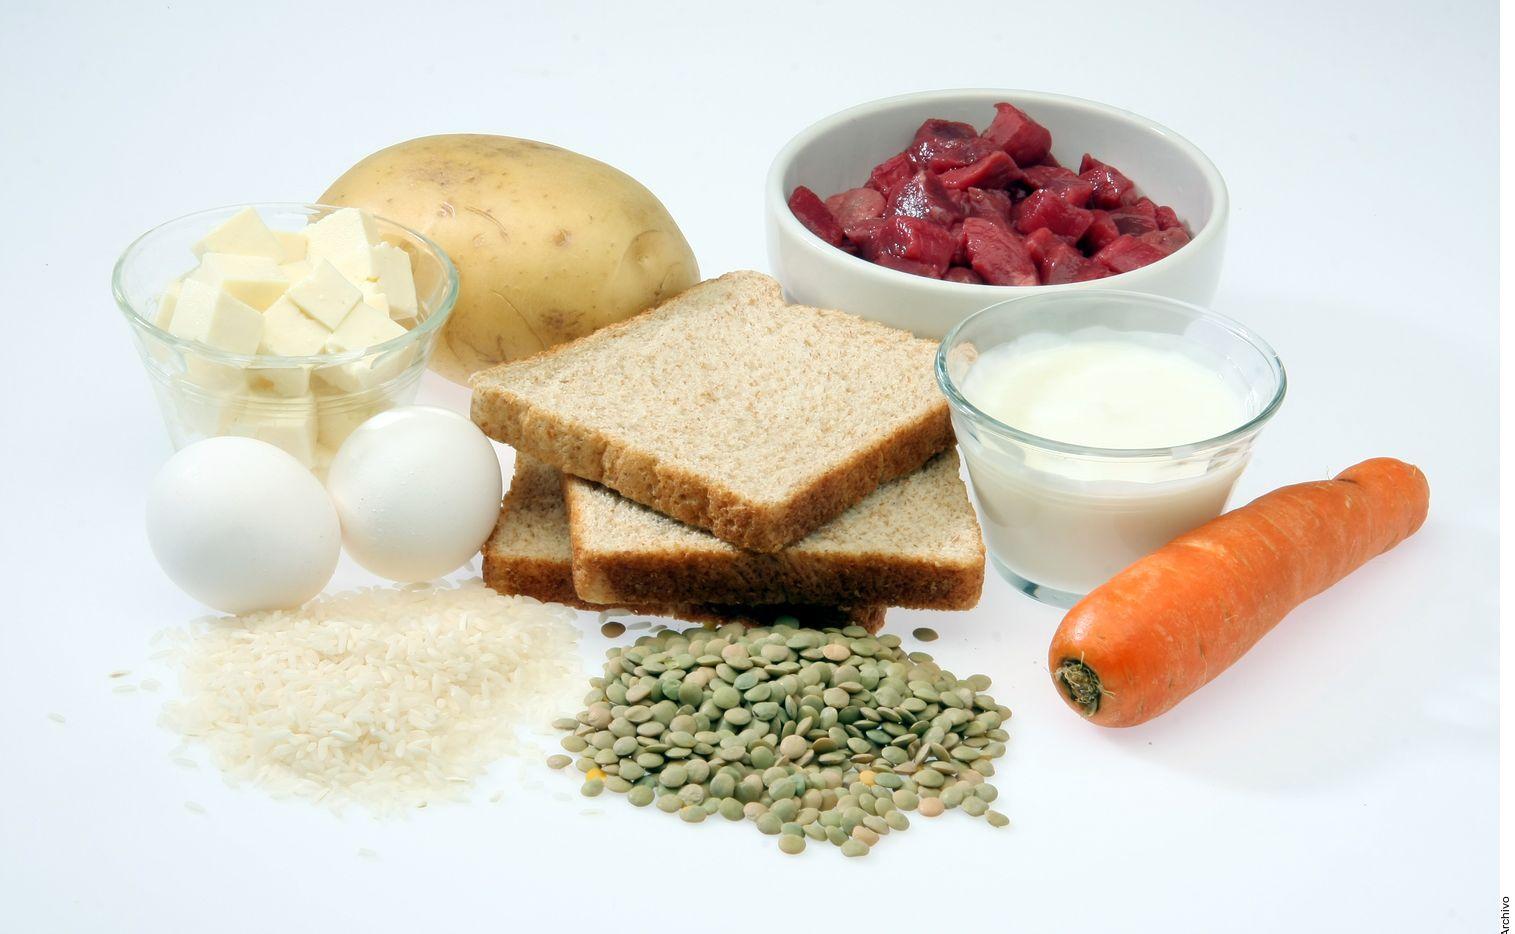 La energía que aportan los alimentos se mide en forma de calorías.